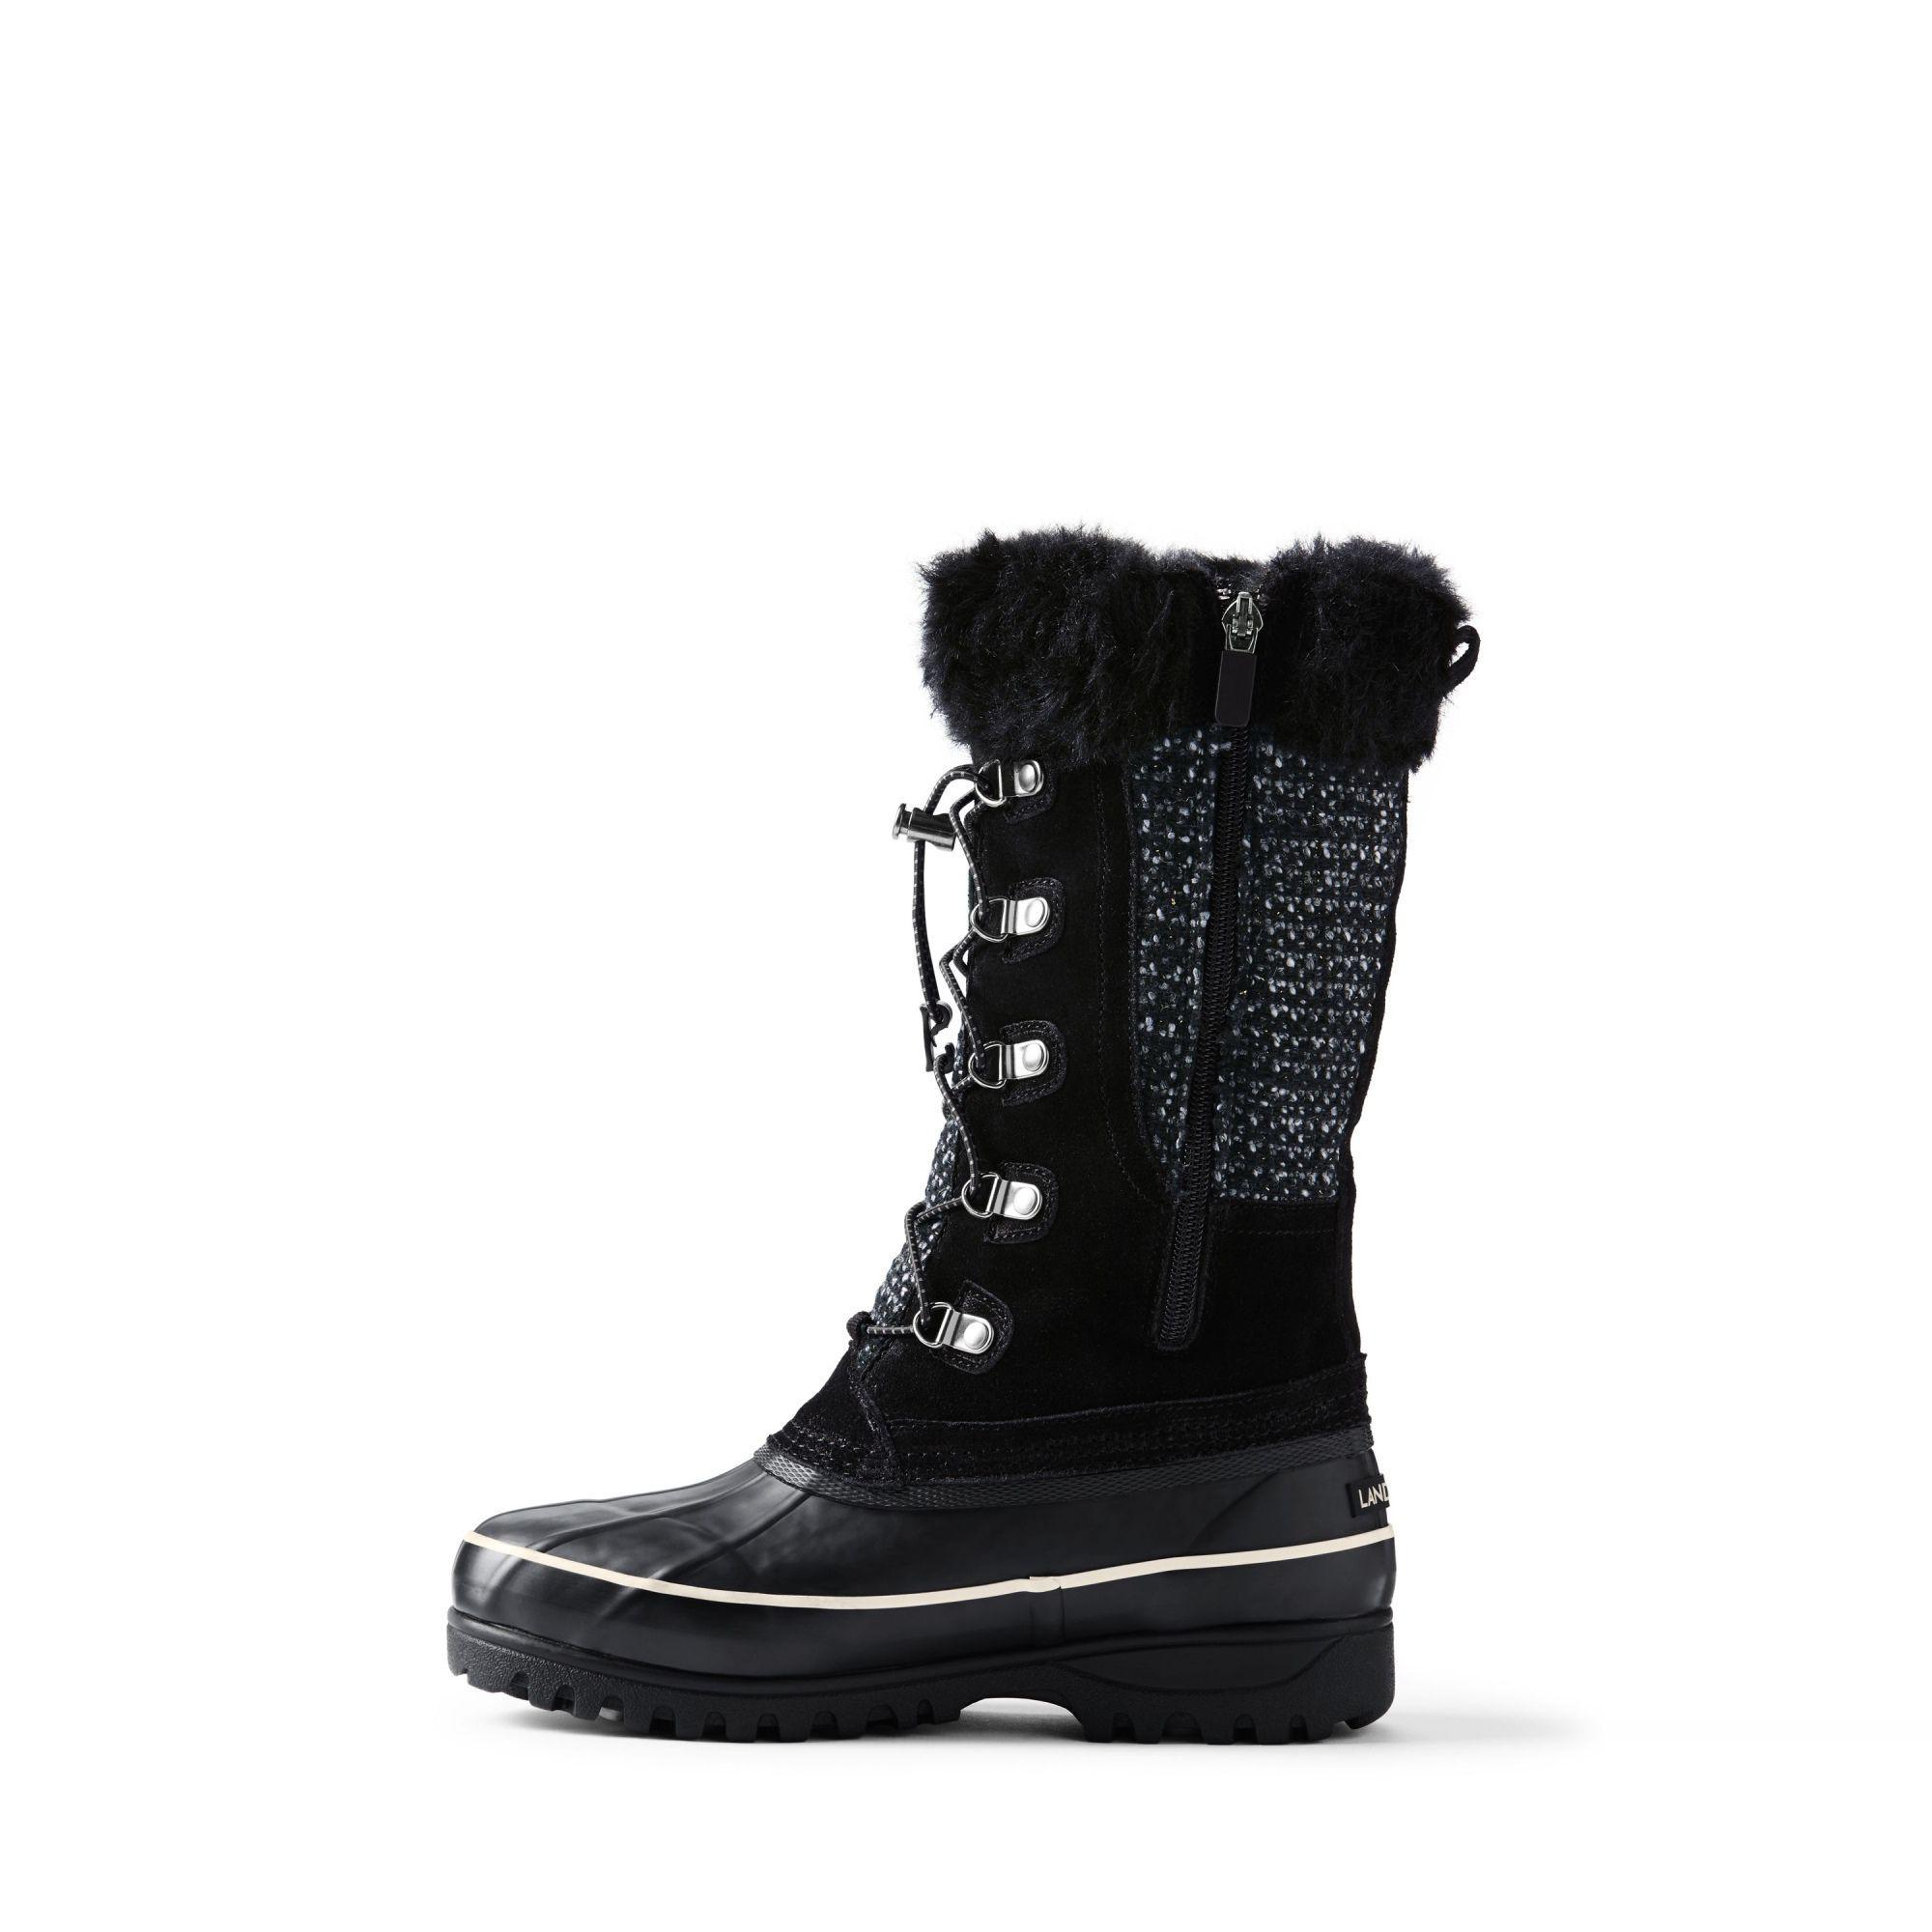 Lands' End Black Alpine Snow Boots